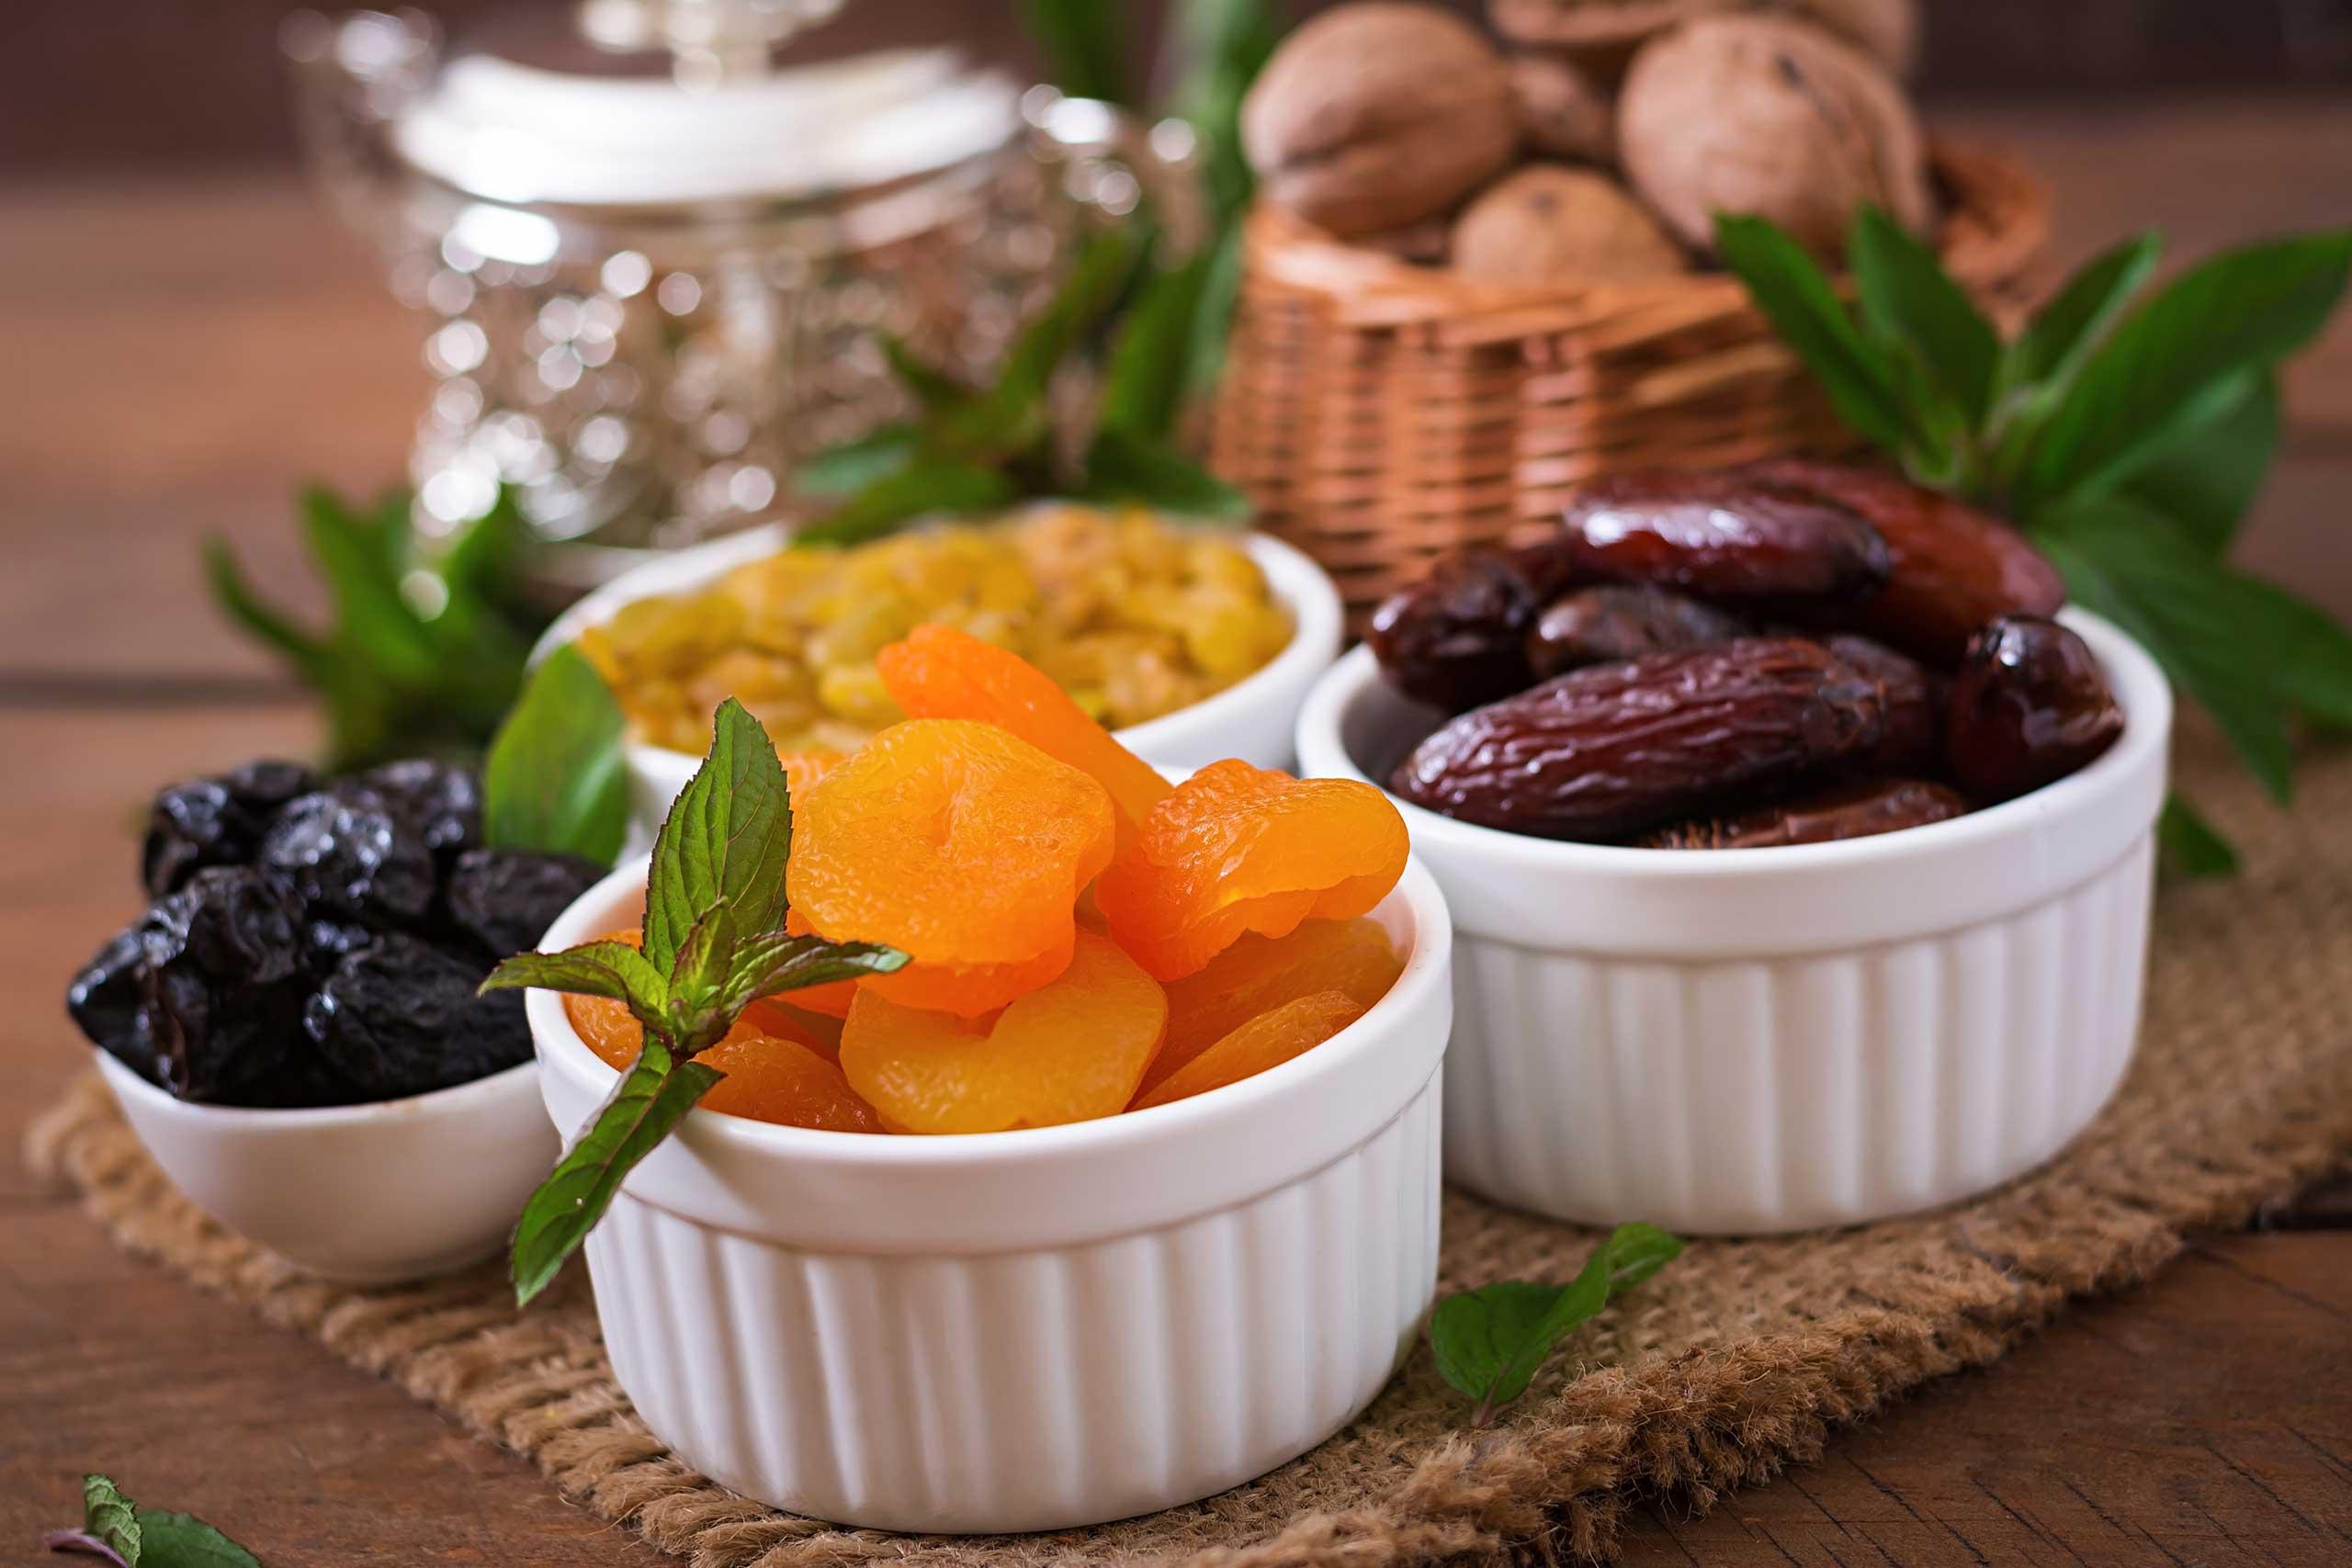 mix-dried-fruits-date-palm-fruits-ramazan